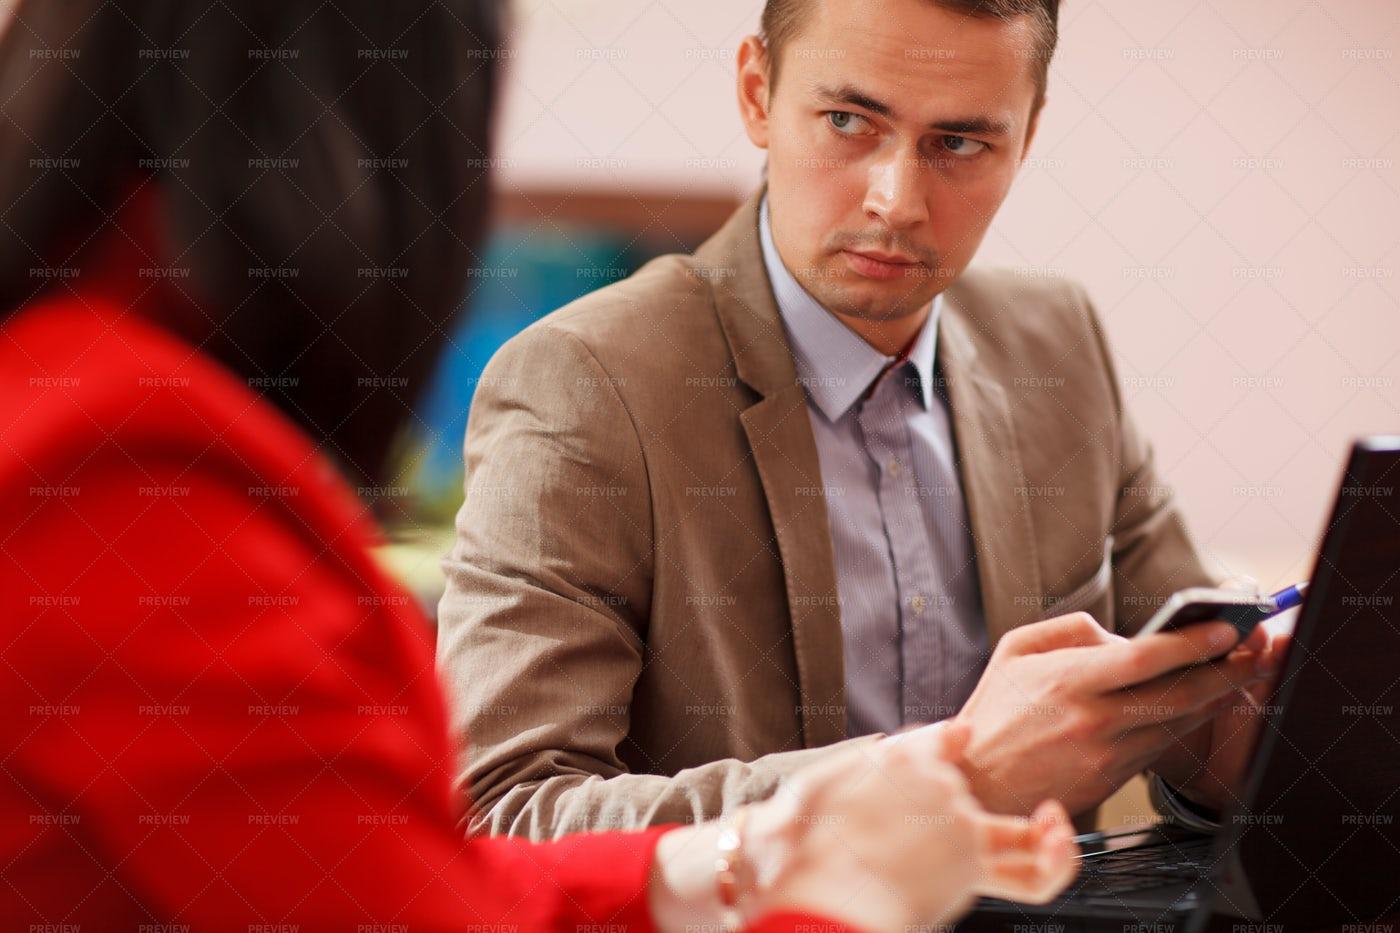 Businessman During A Meeting: Stock Photos